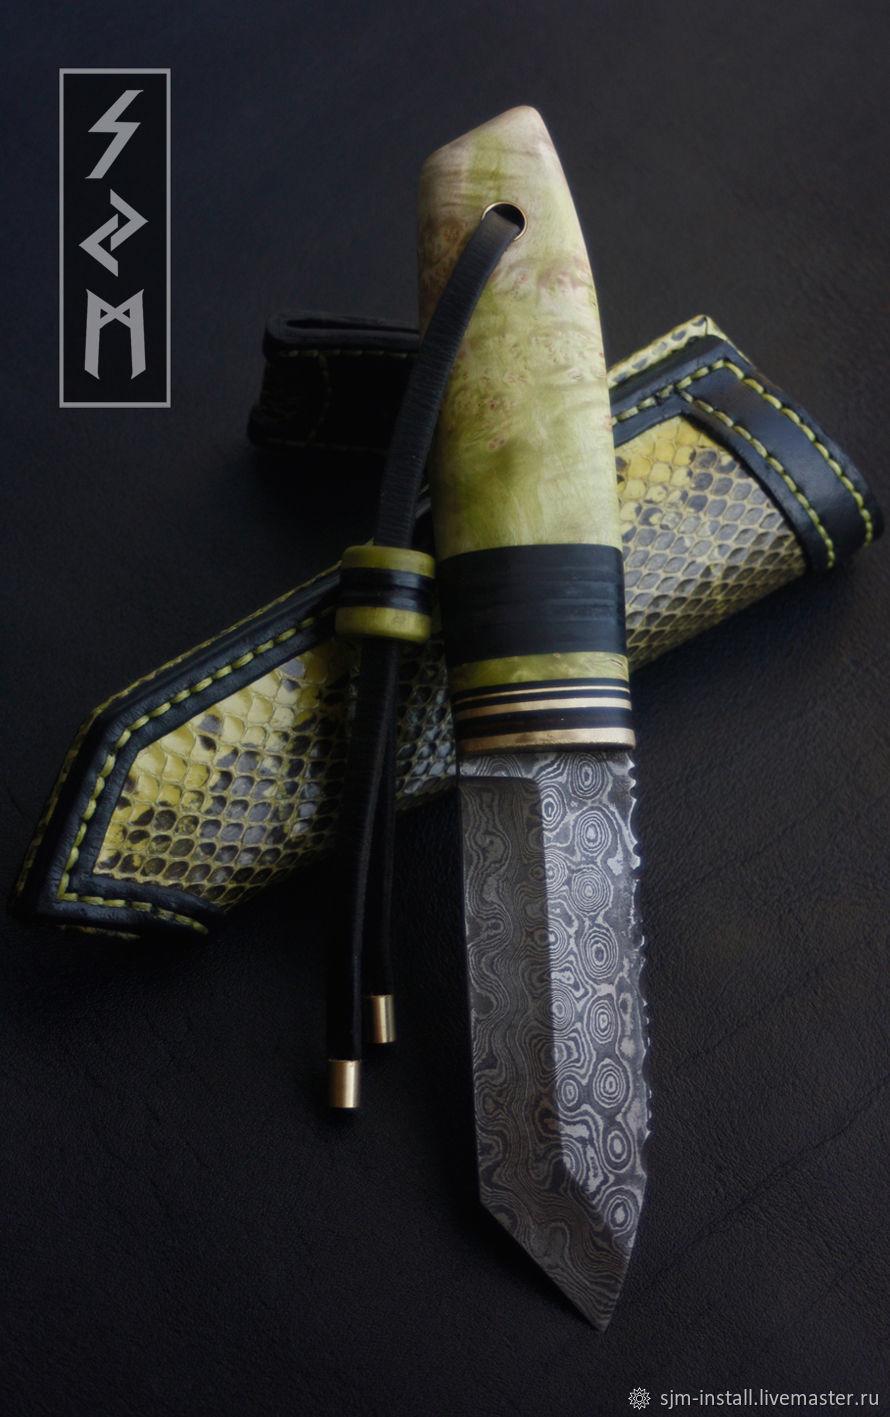 Подарки для мужчин, ручной работы. Ярмарка Мастеров - ручная работа. Купить Авторский нож ручной работы 'Наборный 2'. Handmade.